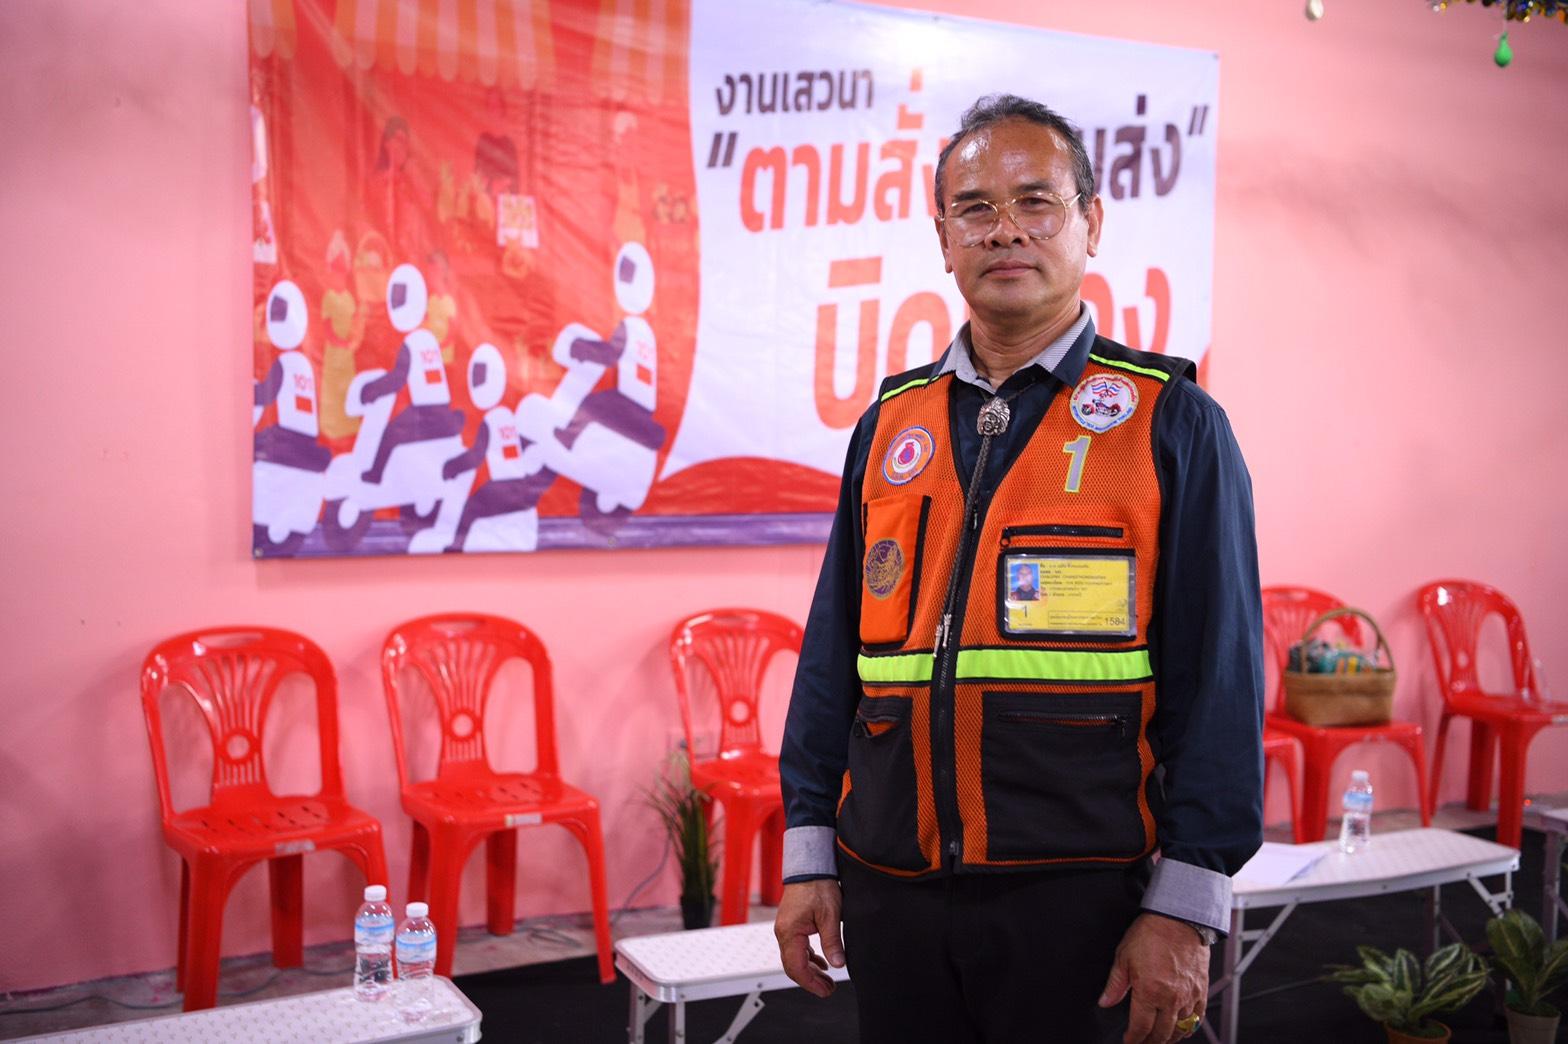 ตามสั่ง – ตามส่ง สู้ภัยโควิด -19  thaihealth